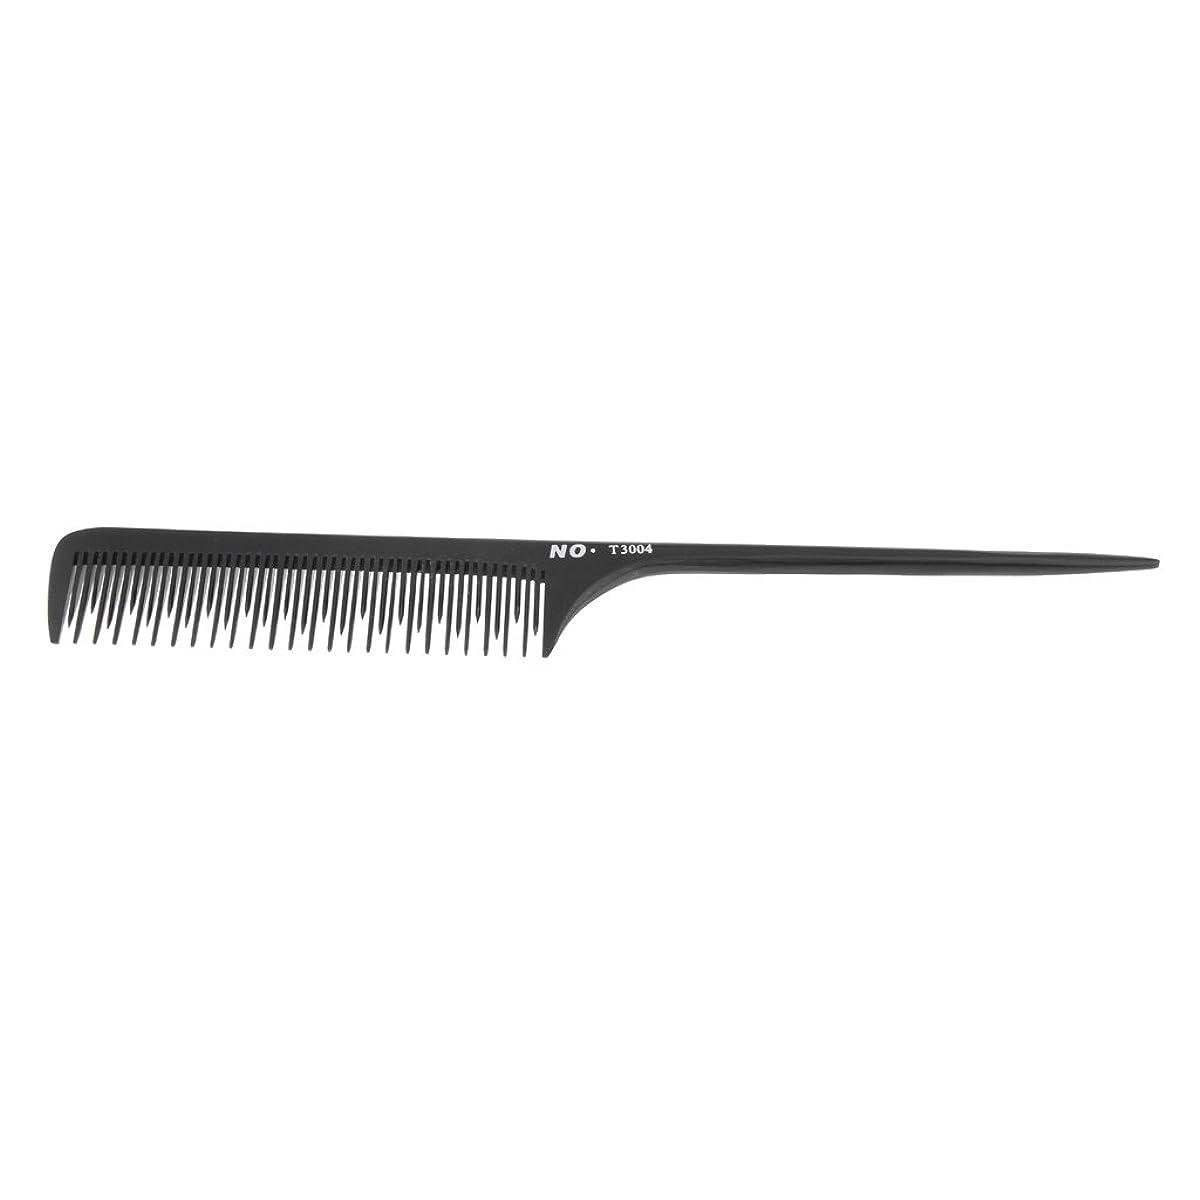 コンセンサス仮称一流Homyl サロン 理髪師 ヘアスタイリング 櫛 テールコーム ヘアコーム ヘアブラシ プロ 2タイプ選べ - t3004